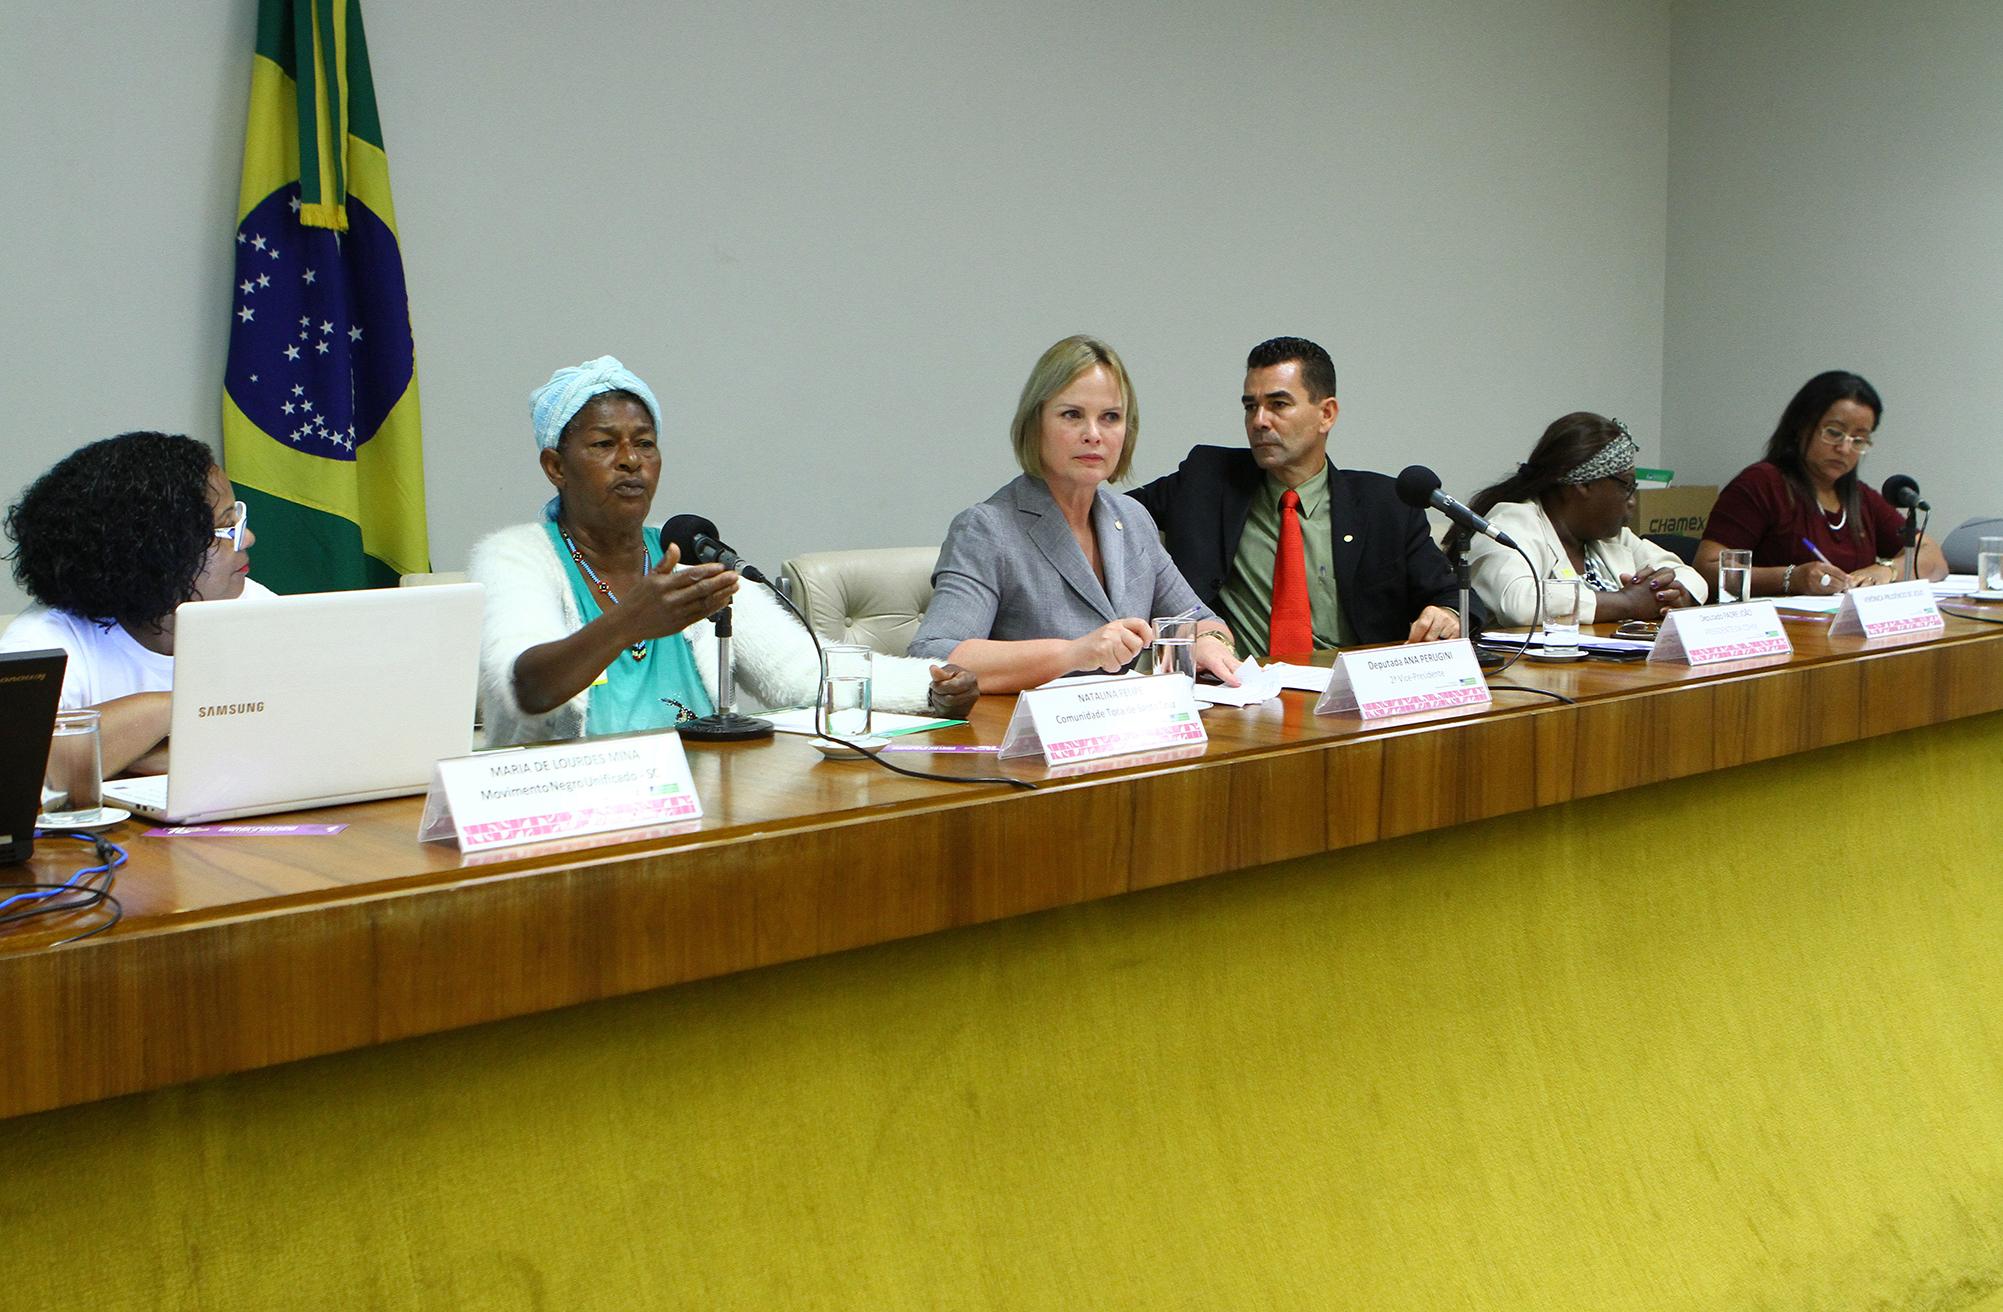 """Audiência pública das comissões de Defesa dos Direitos da Mulher (CMULHER) e de Direitos Humanos e Minorias (CDHM) junto a Frente Parlamentar em Defesa dos Direitos Humanos das Mulheres e a Secretaria da Mulher para debater o """"caso Gracinha"""""""